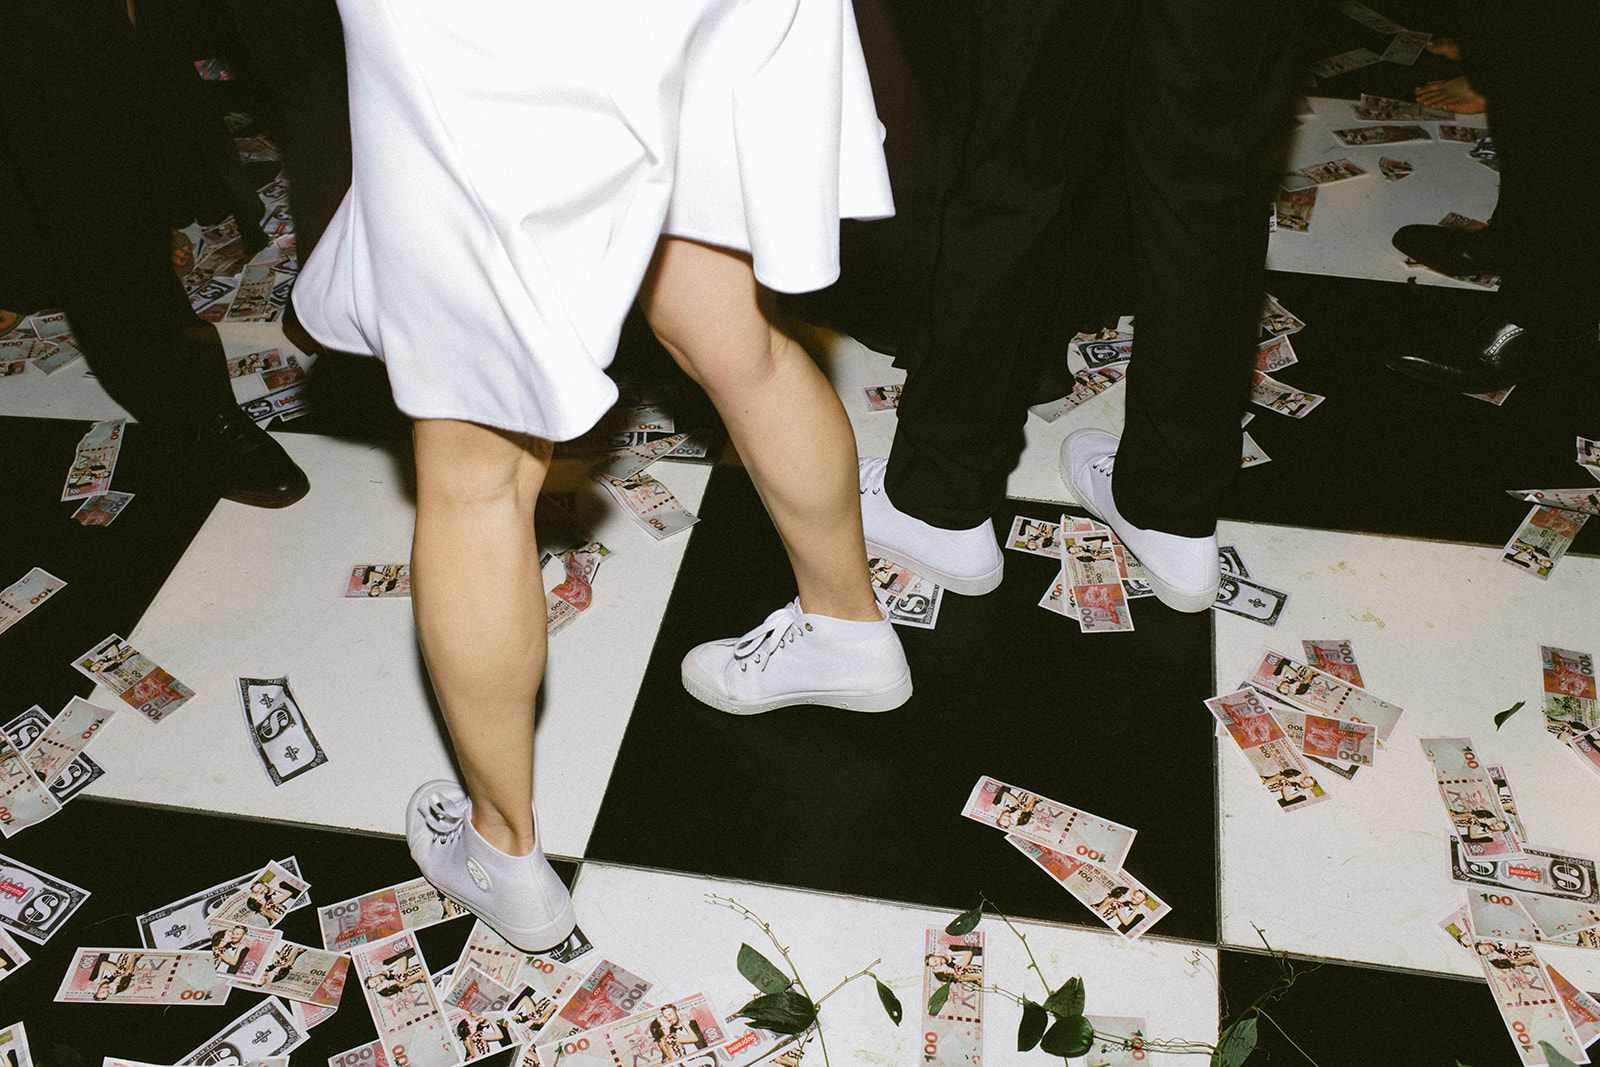 Dance floor detail